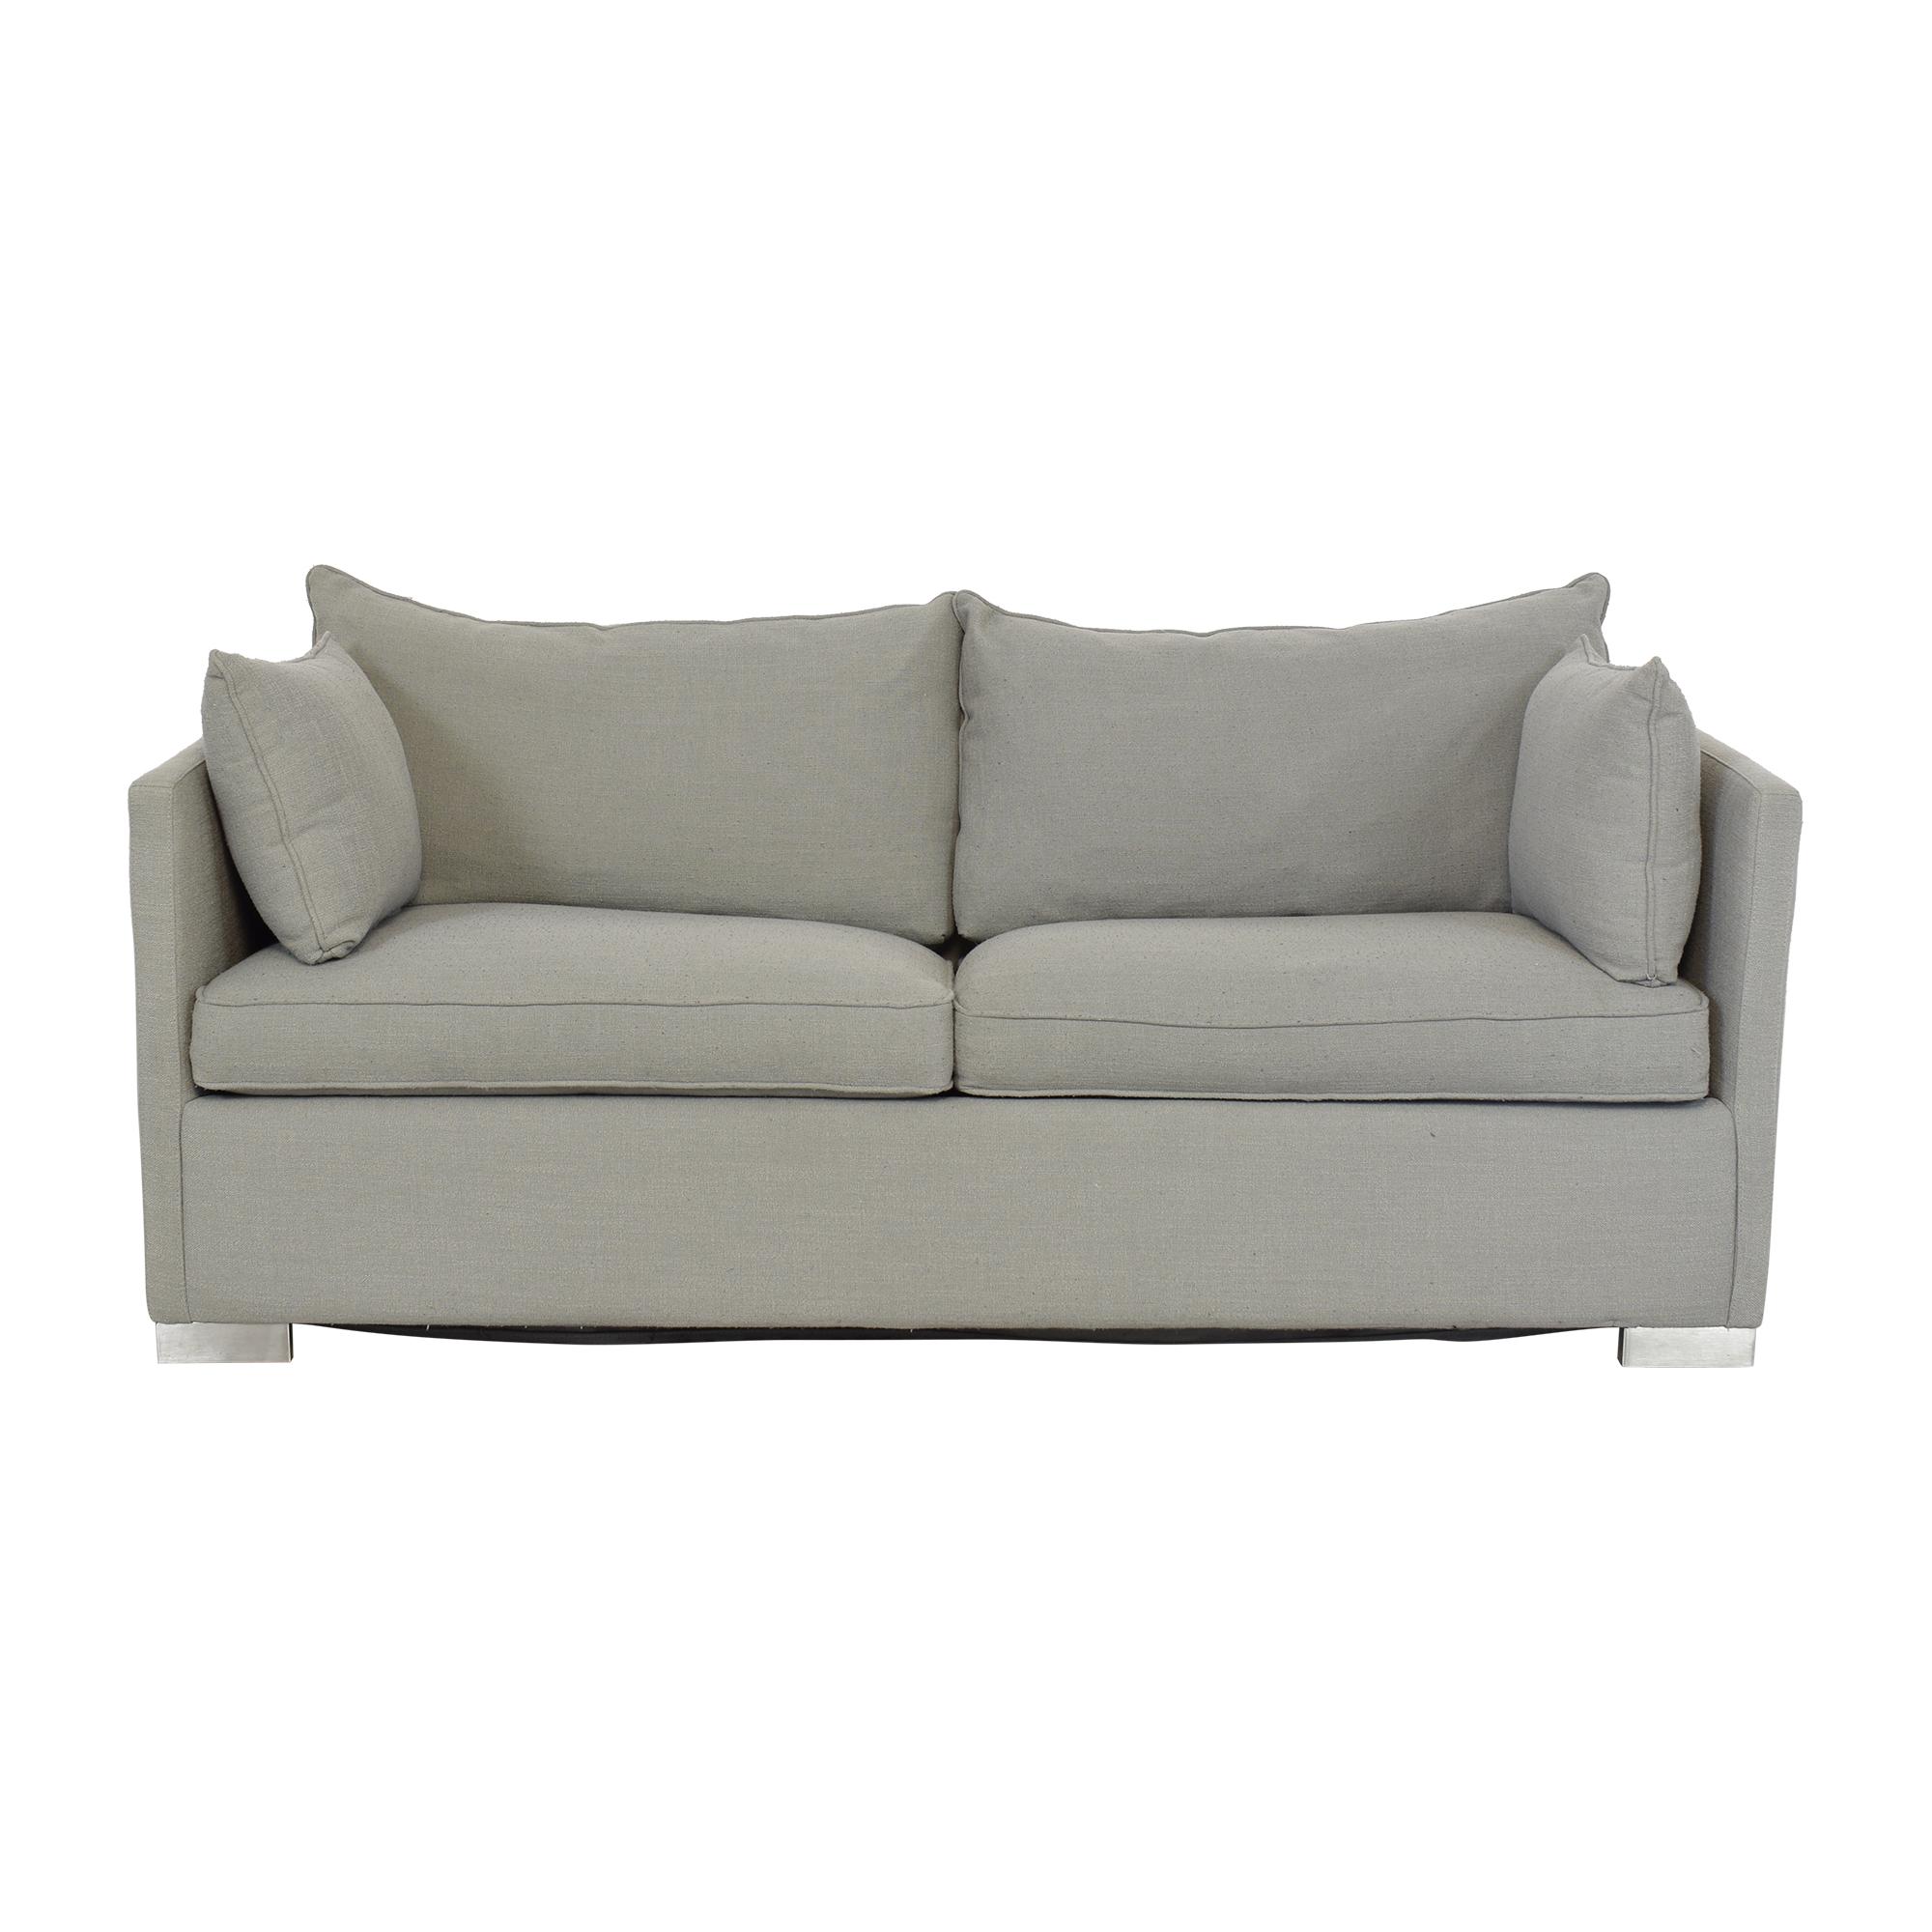 buy CB2 Dose Queen Sleeper Sofa CB2 Sofa Beds